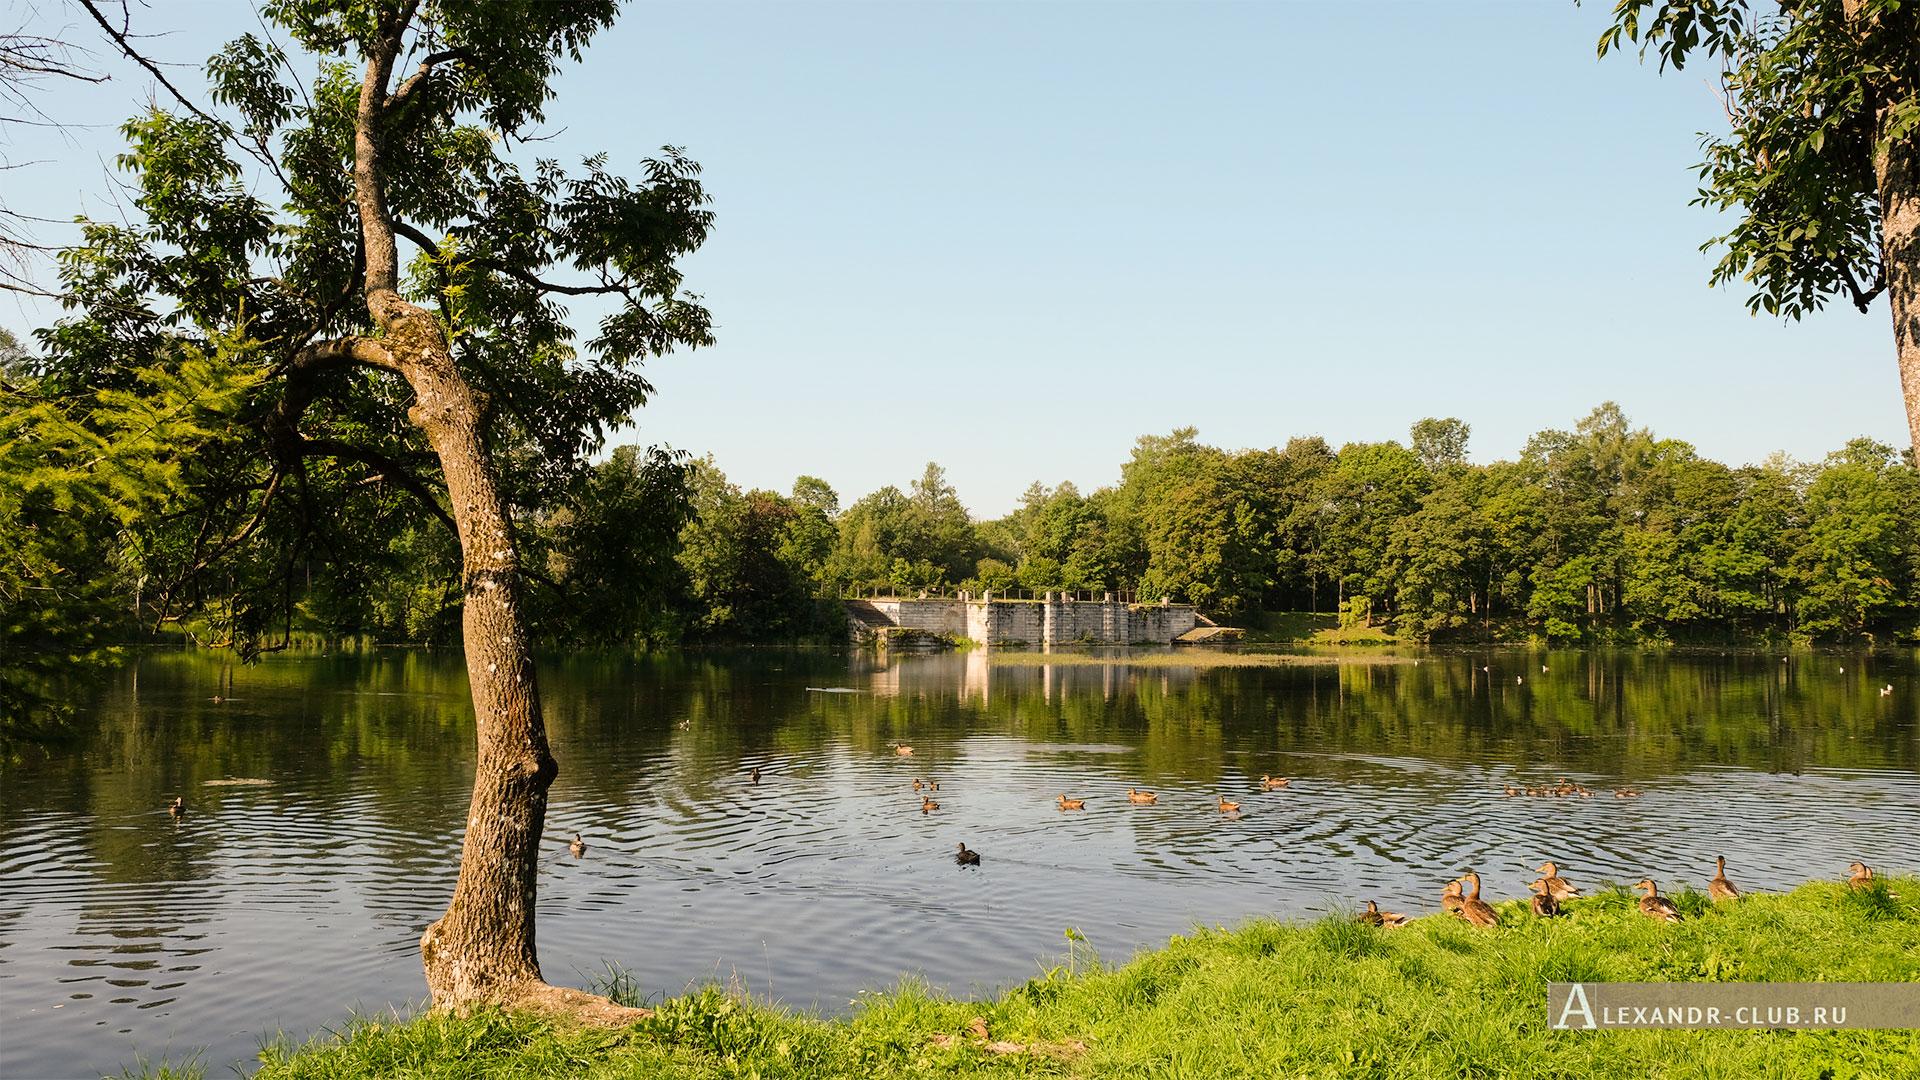 Гатчинский парк, лето, Белое озеро и Большая терраса-пристань